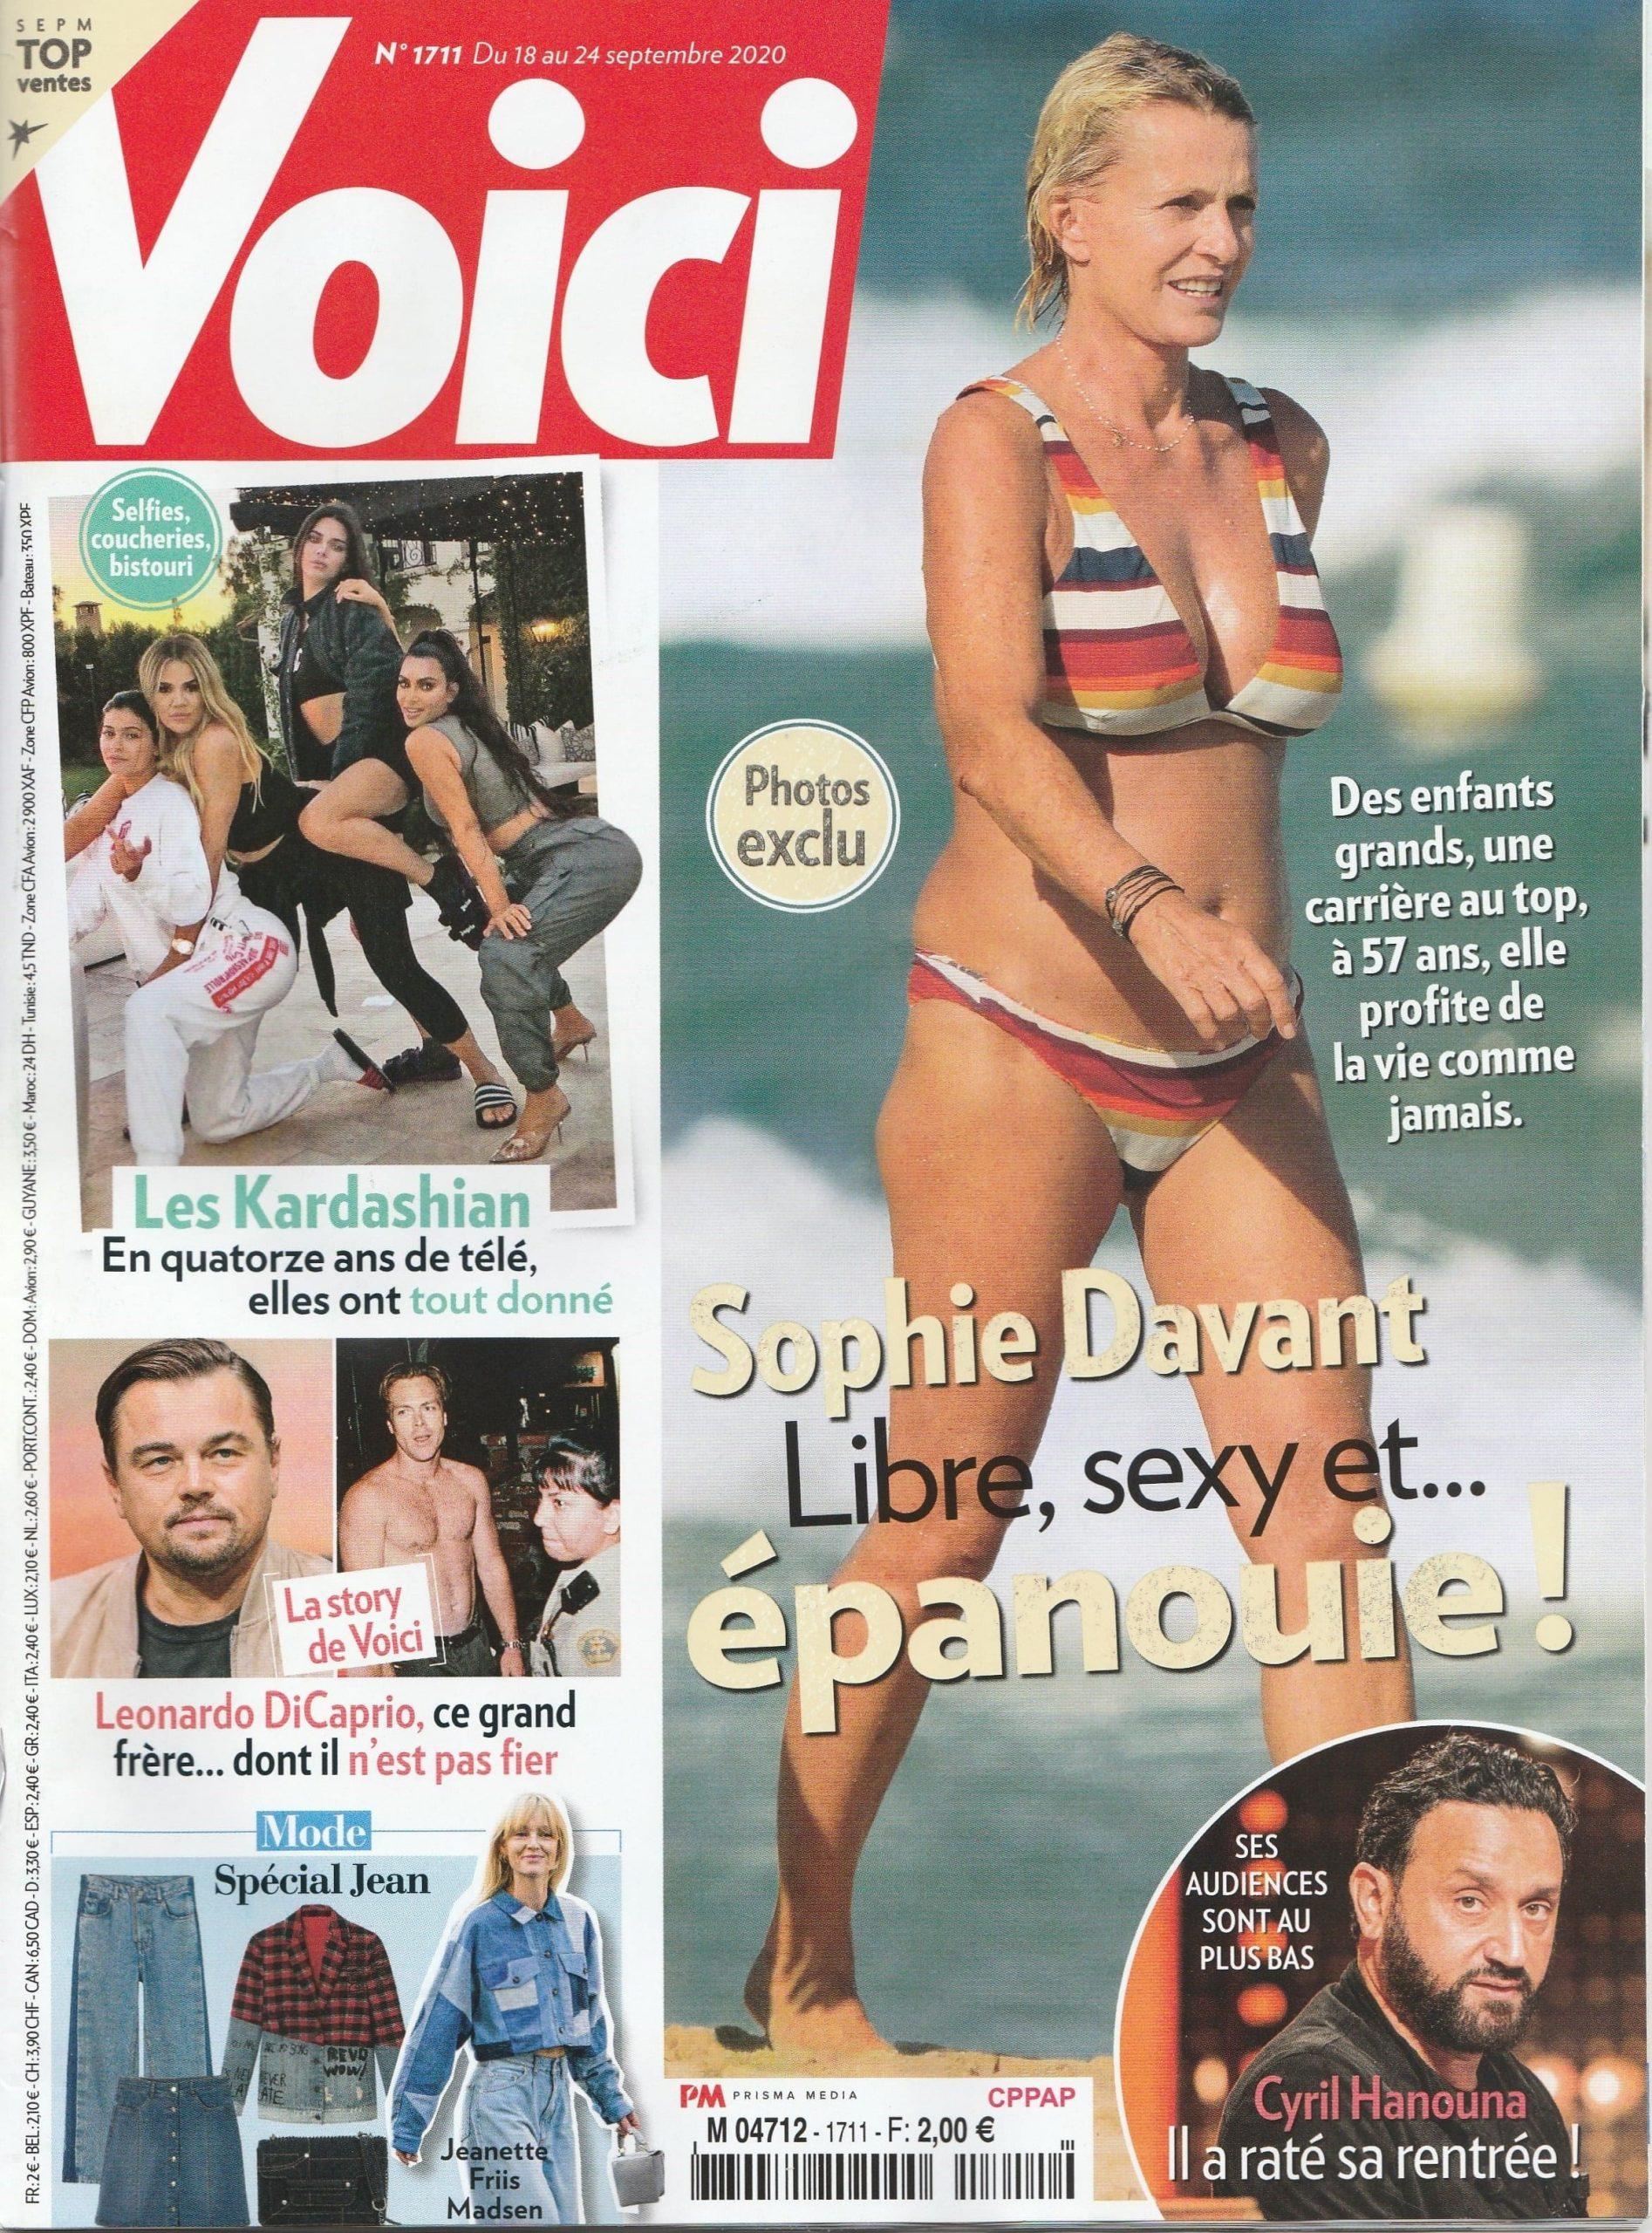 couverture magazine Voici septembre 2020, Sophie Vitali médium corse charismatique